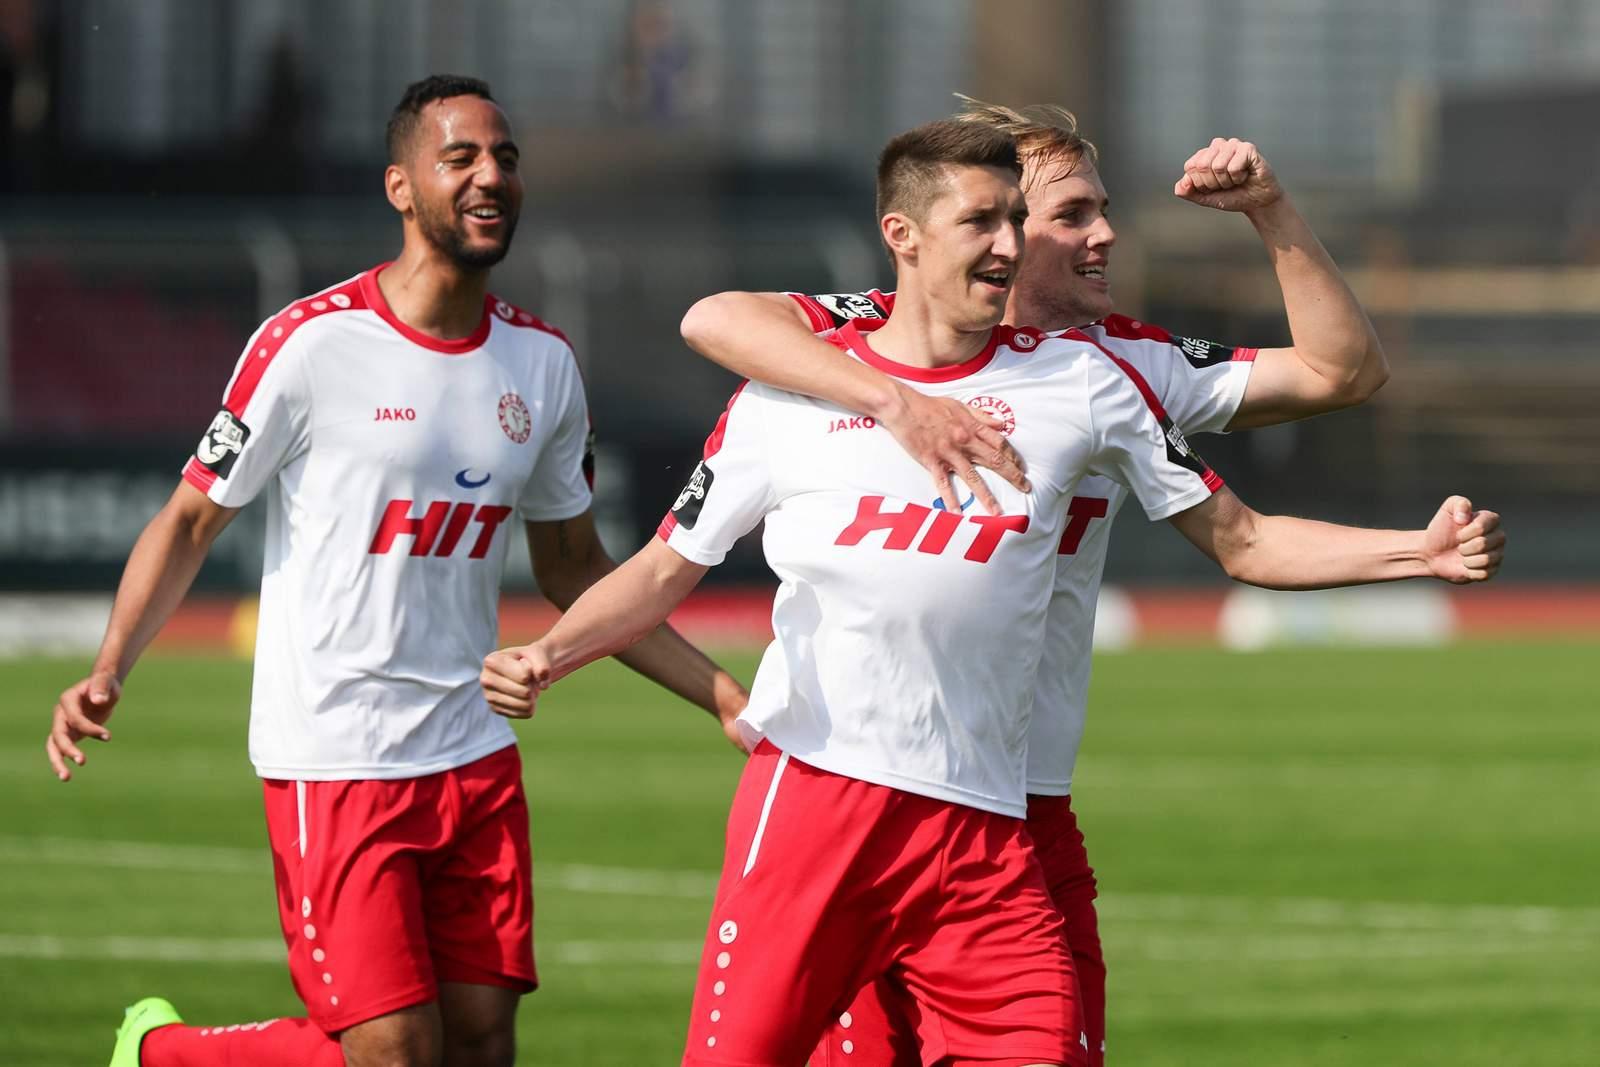 Spieler des SC Fortuna Köln beim Torjubel